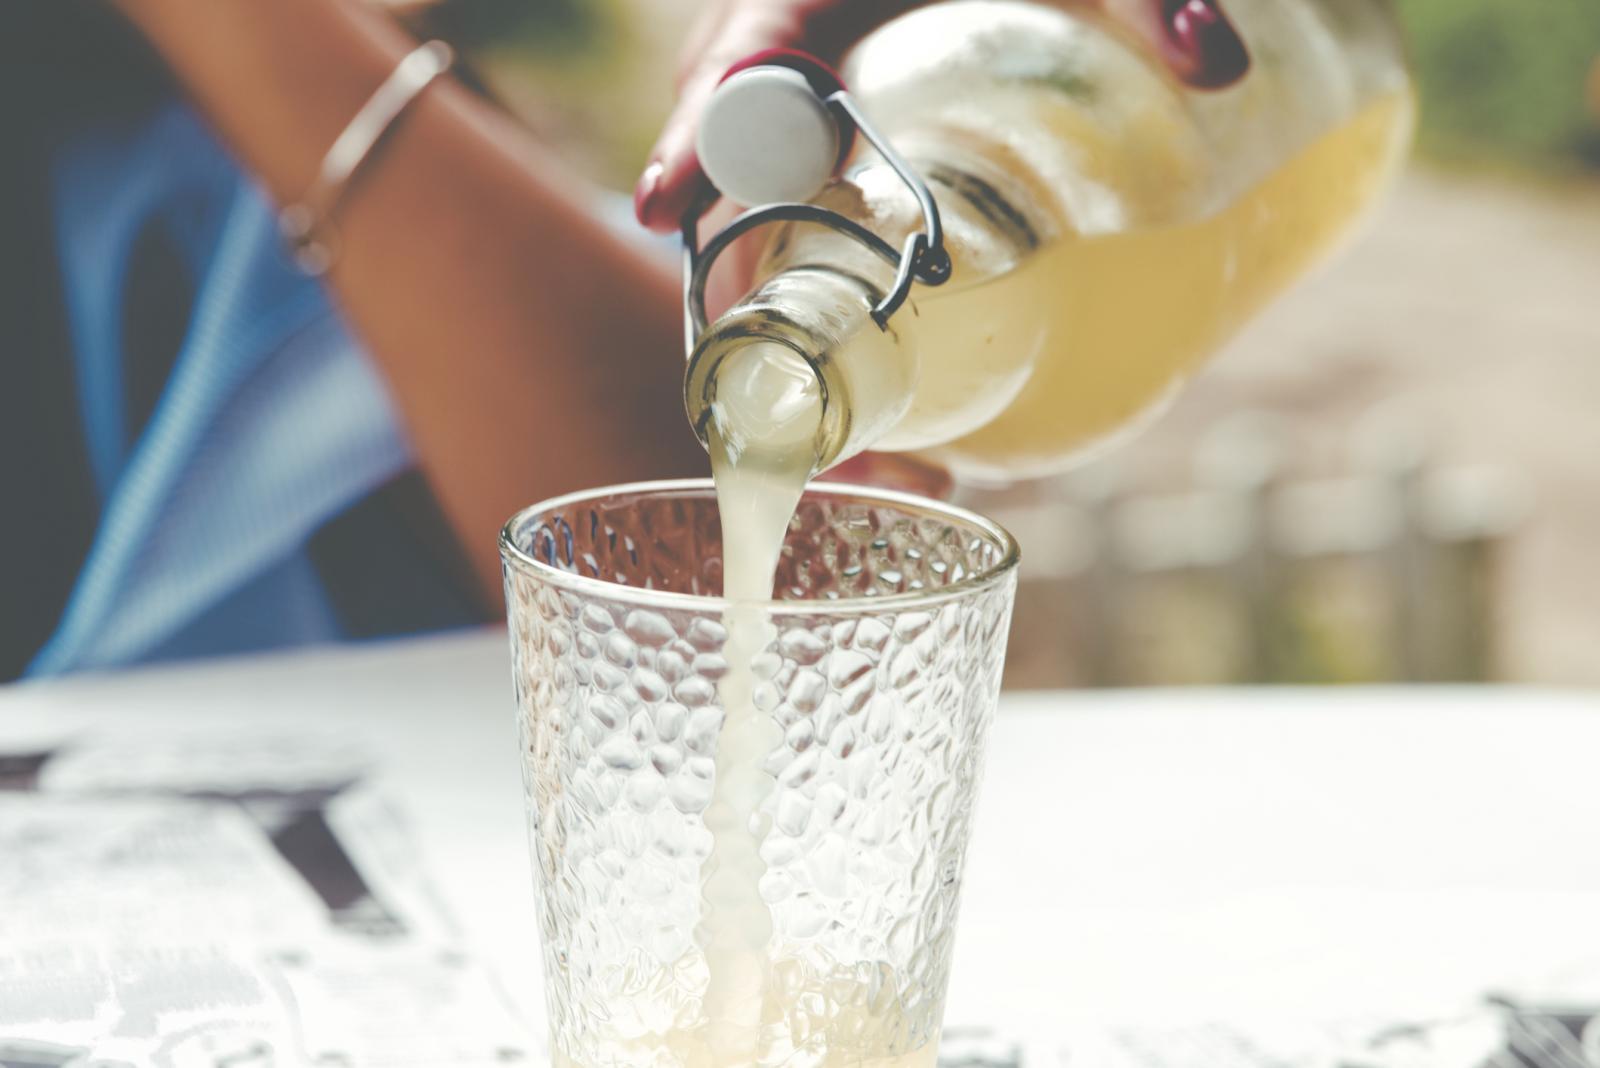 Iako je poželjno piti vodu s limunom ili limunadu tijekom detoksikacije, ipak budite umjereni.